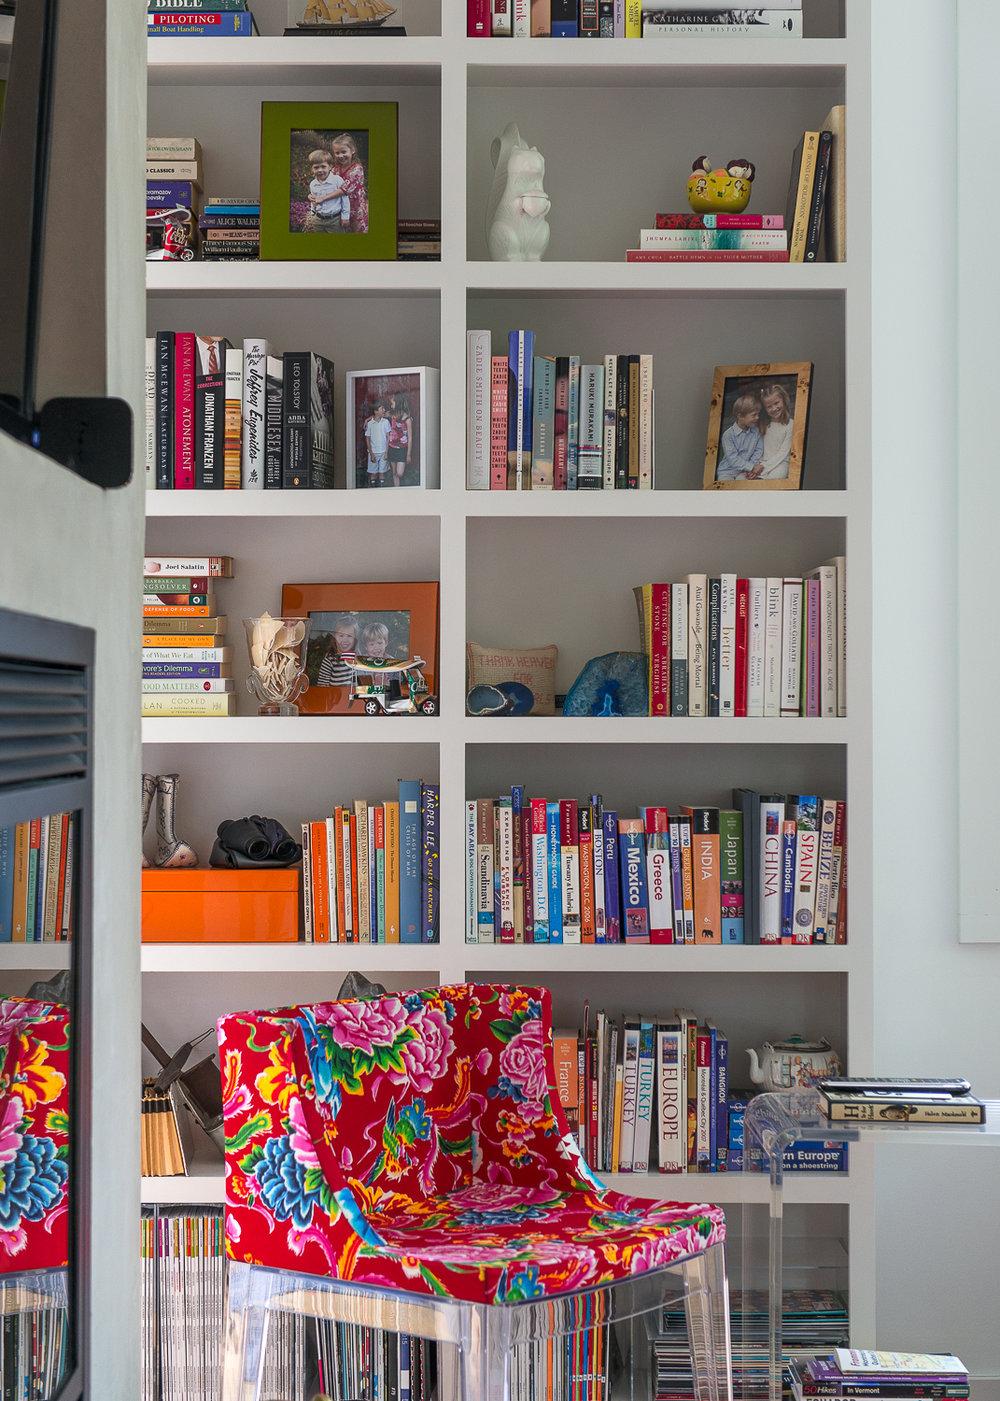 Built-in bookshelves in the living room.